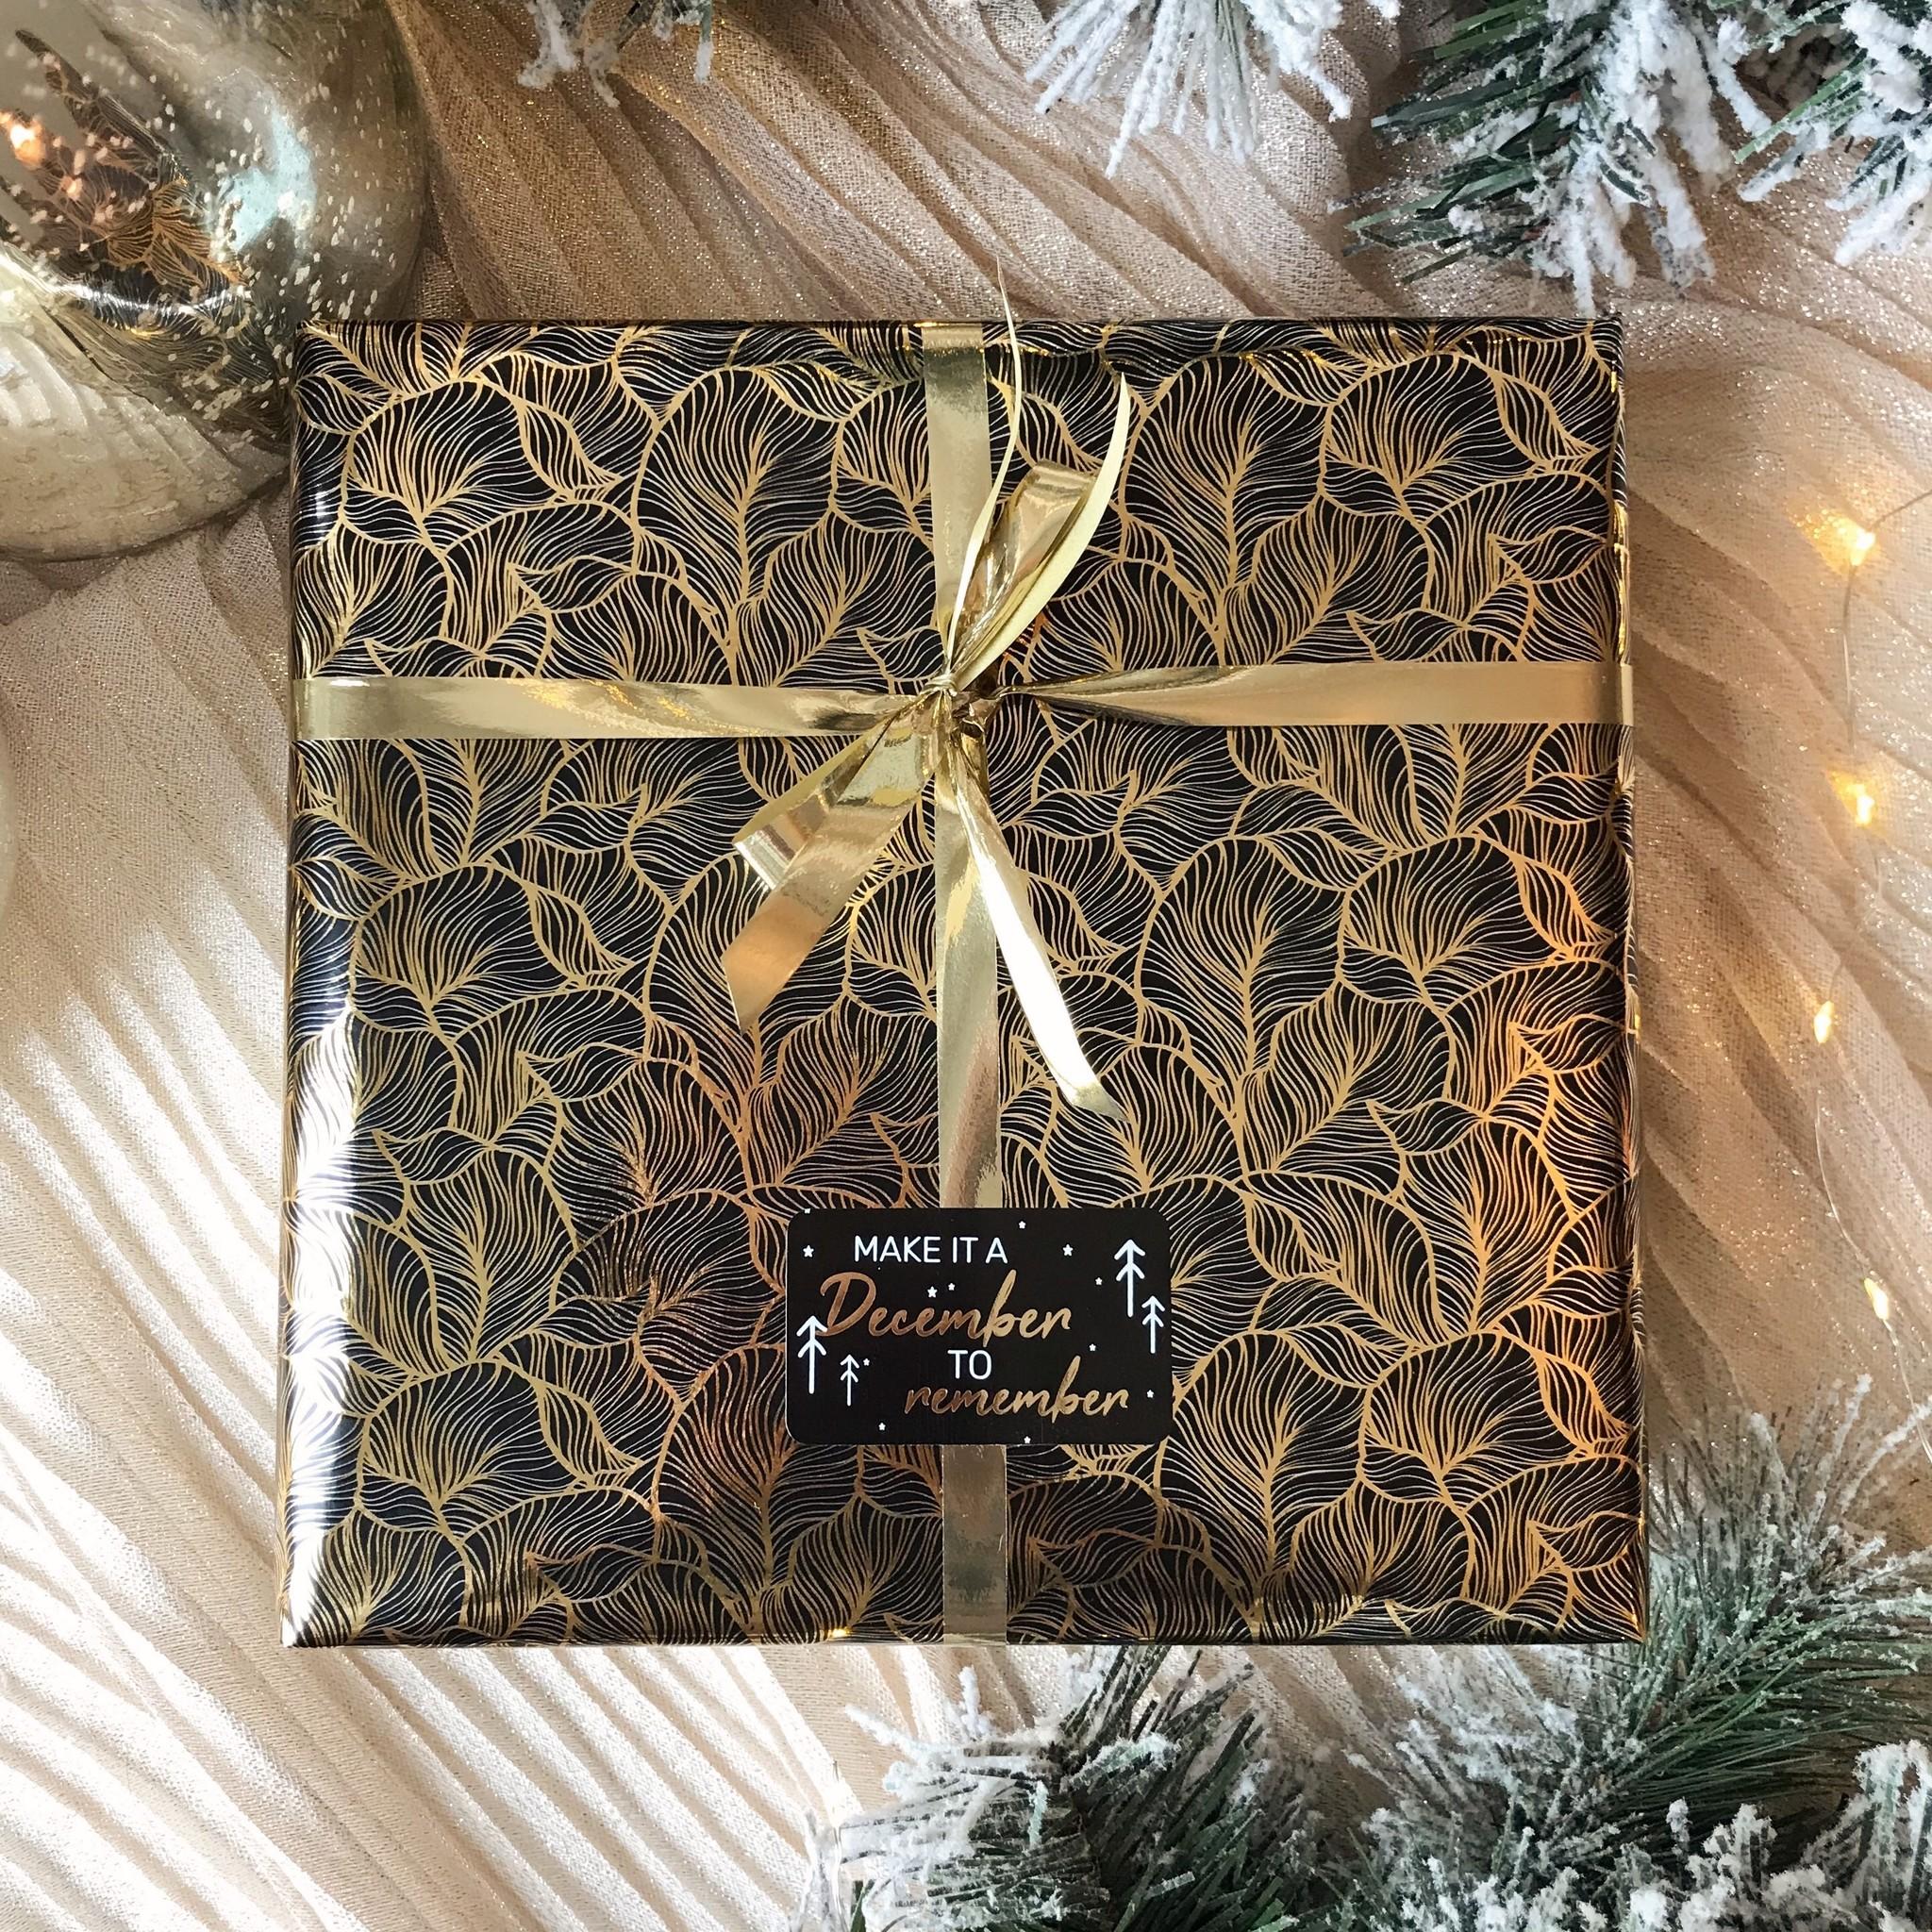 Kerst Cadeaupapier - Black Leaves (Opgelet, door drukte neemt inpakken een dag langer in beslag.)